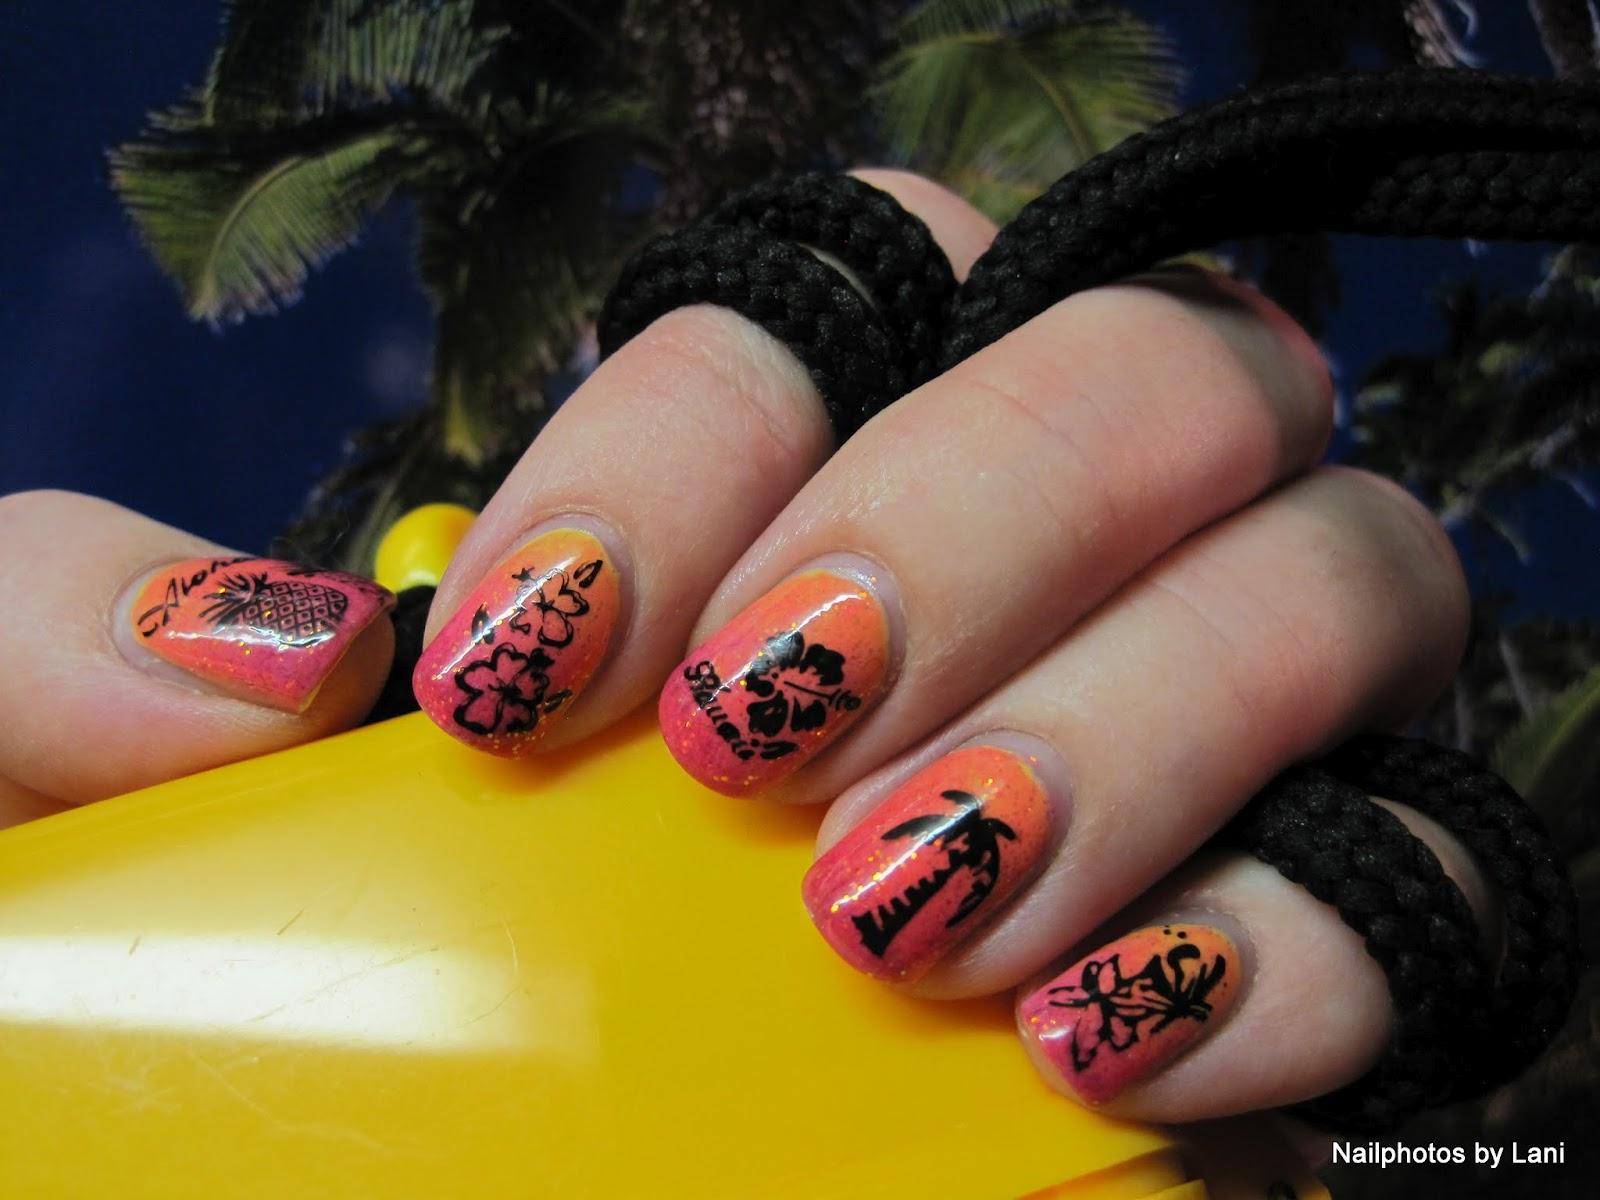 Nailphotos by Lani: Hawaii nails